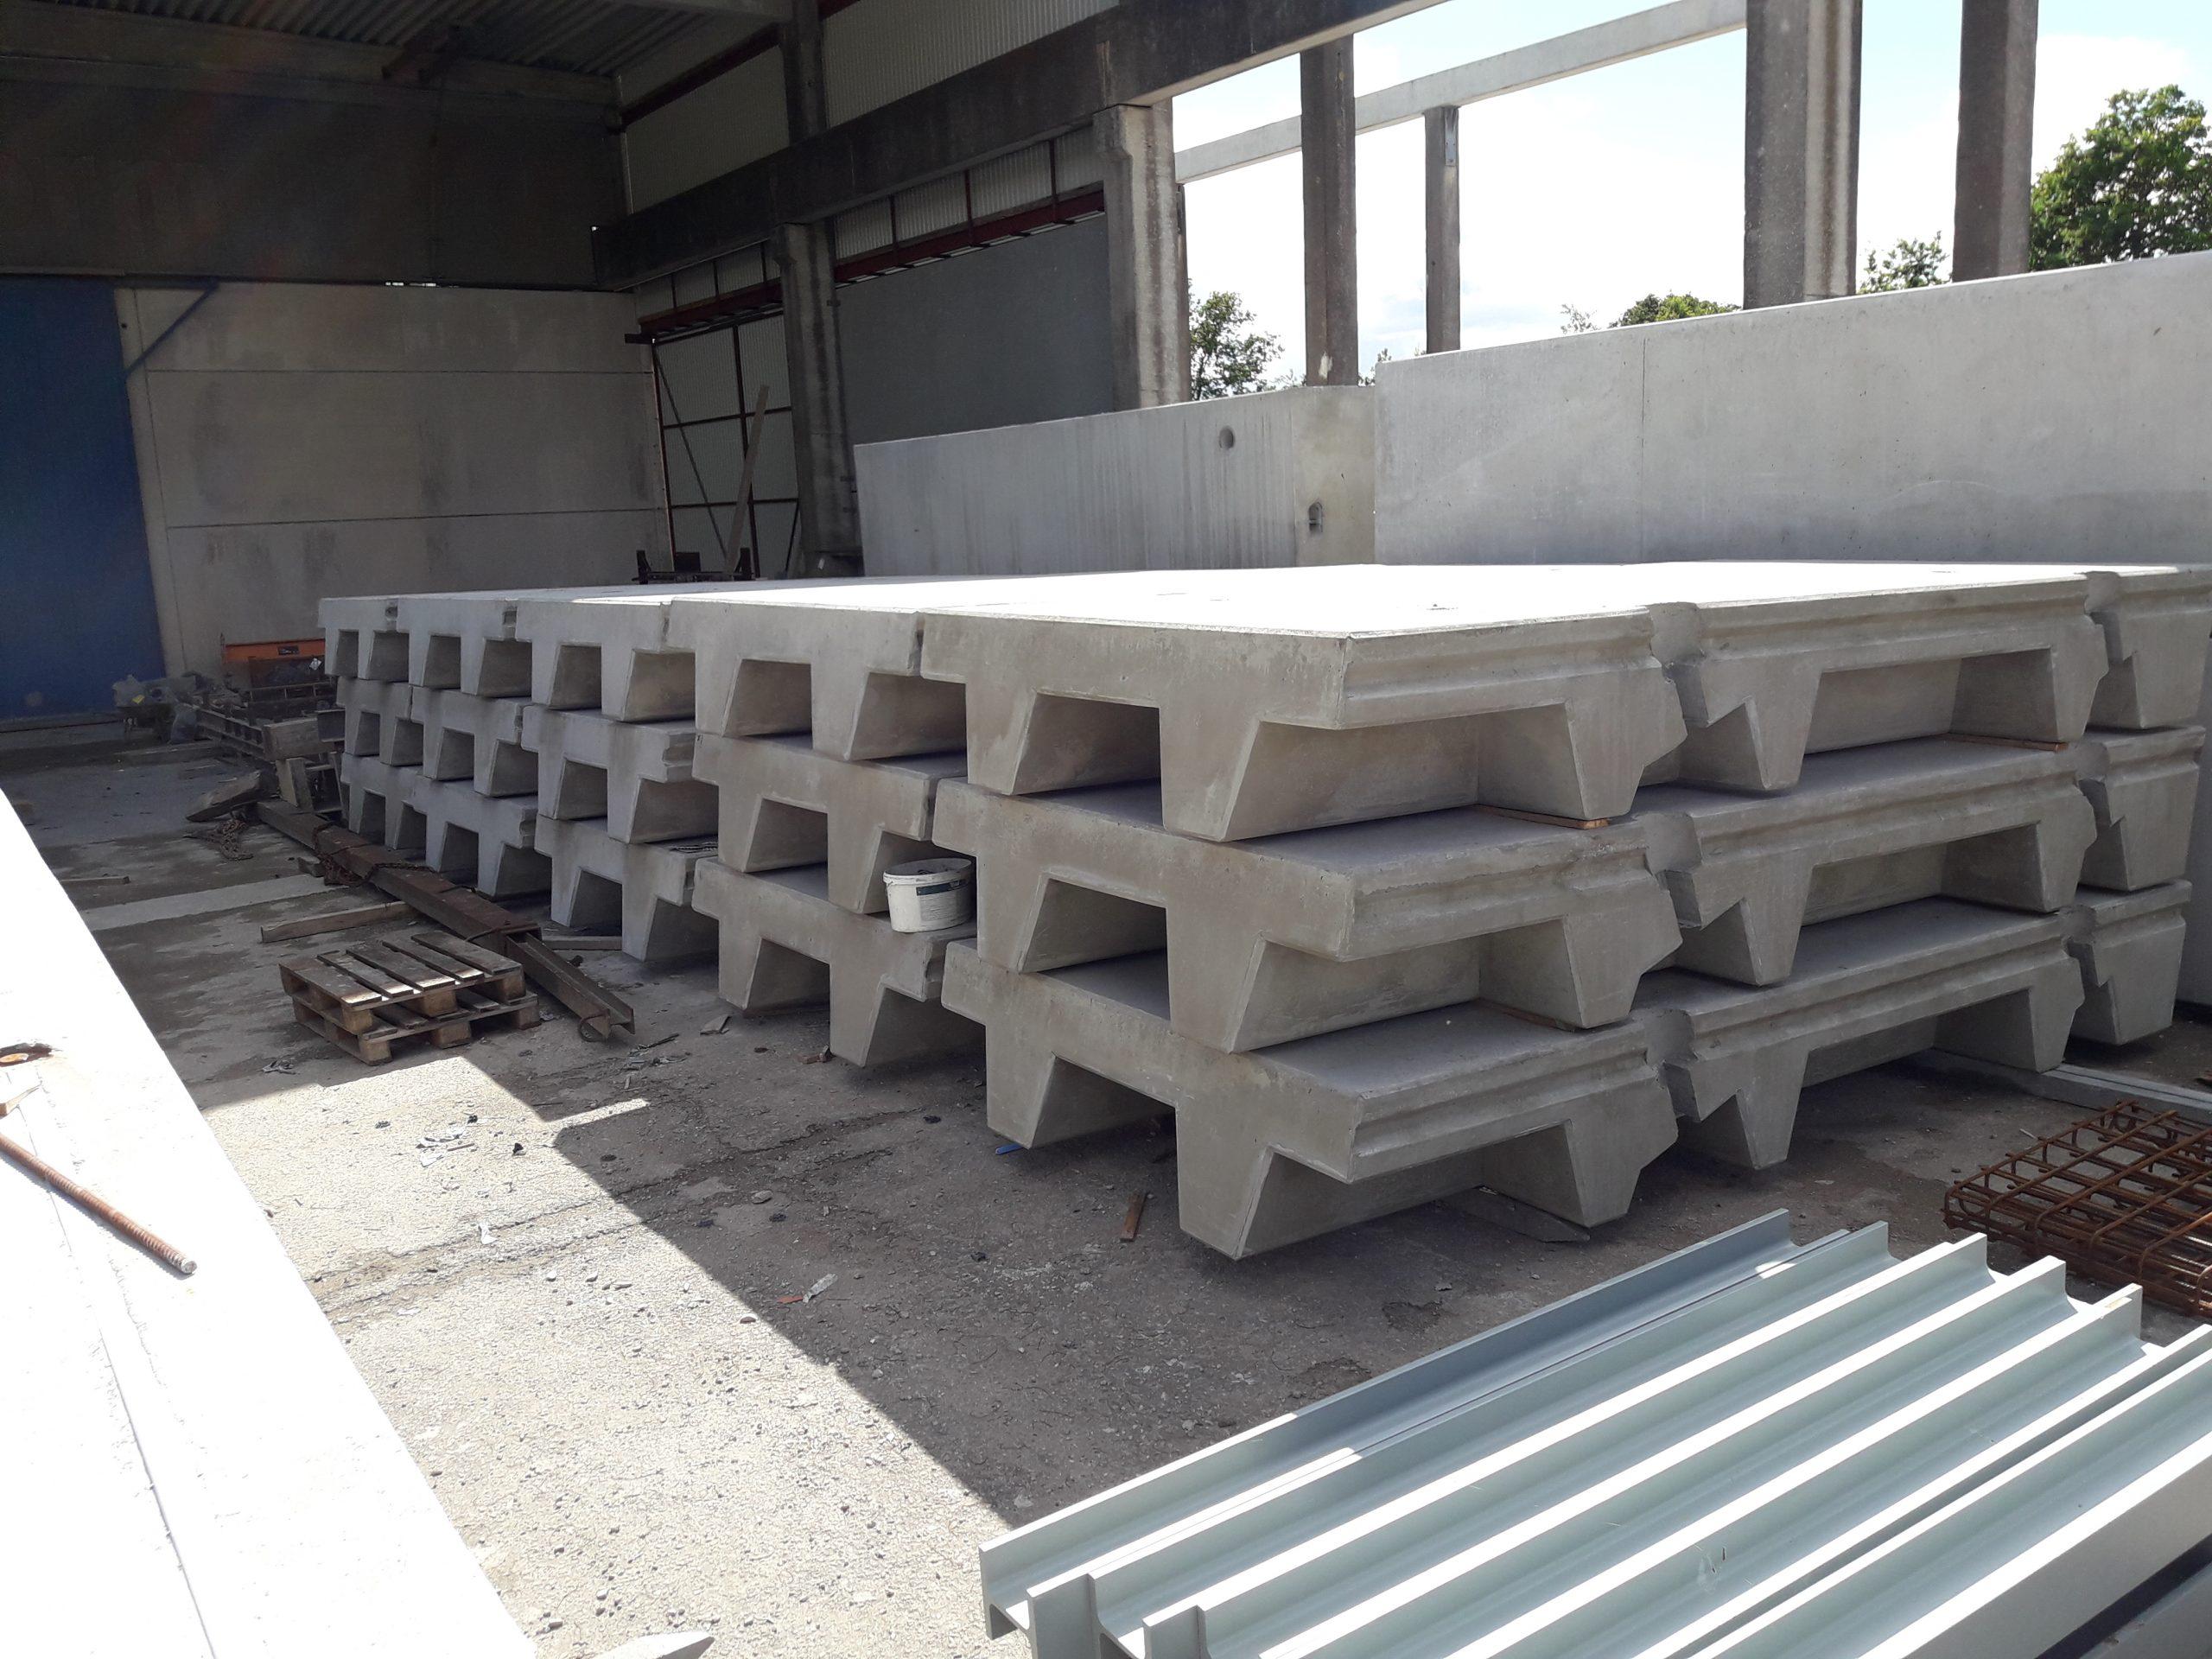 63 Stahlbeton-Wandfertigteile je 13 t, 2,40m breit 4,40 m hoch